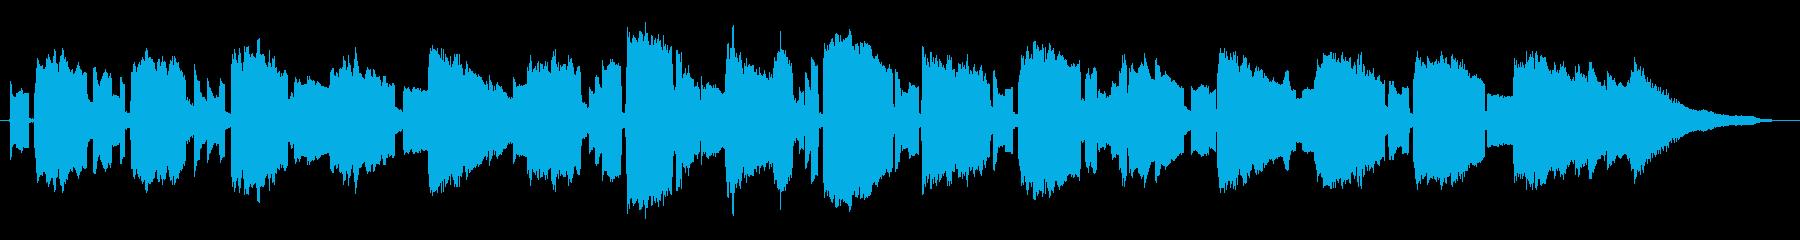 リコーダー ピアノのアメイジンググレースの再生済みの波形